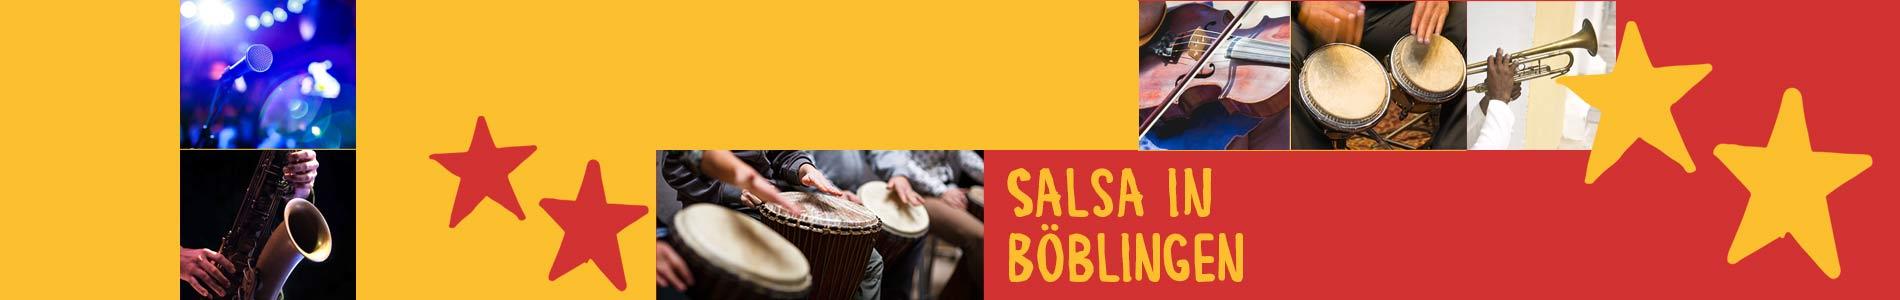 Salsa in Böblingen – Salsa lernen und tanzen, Tanzkurse, Partys, Veranstaltungen